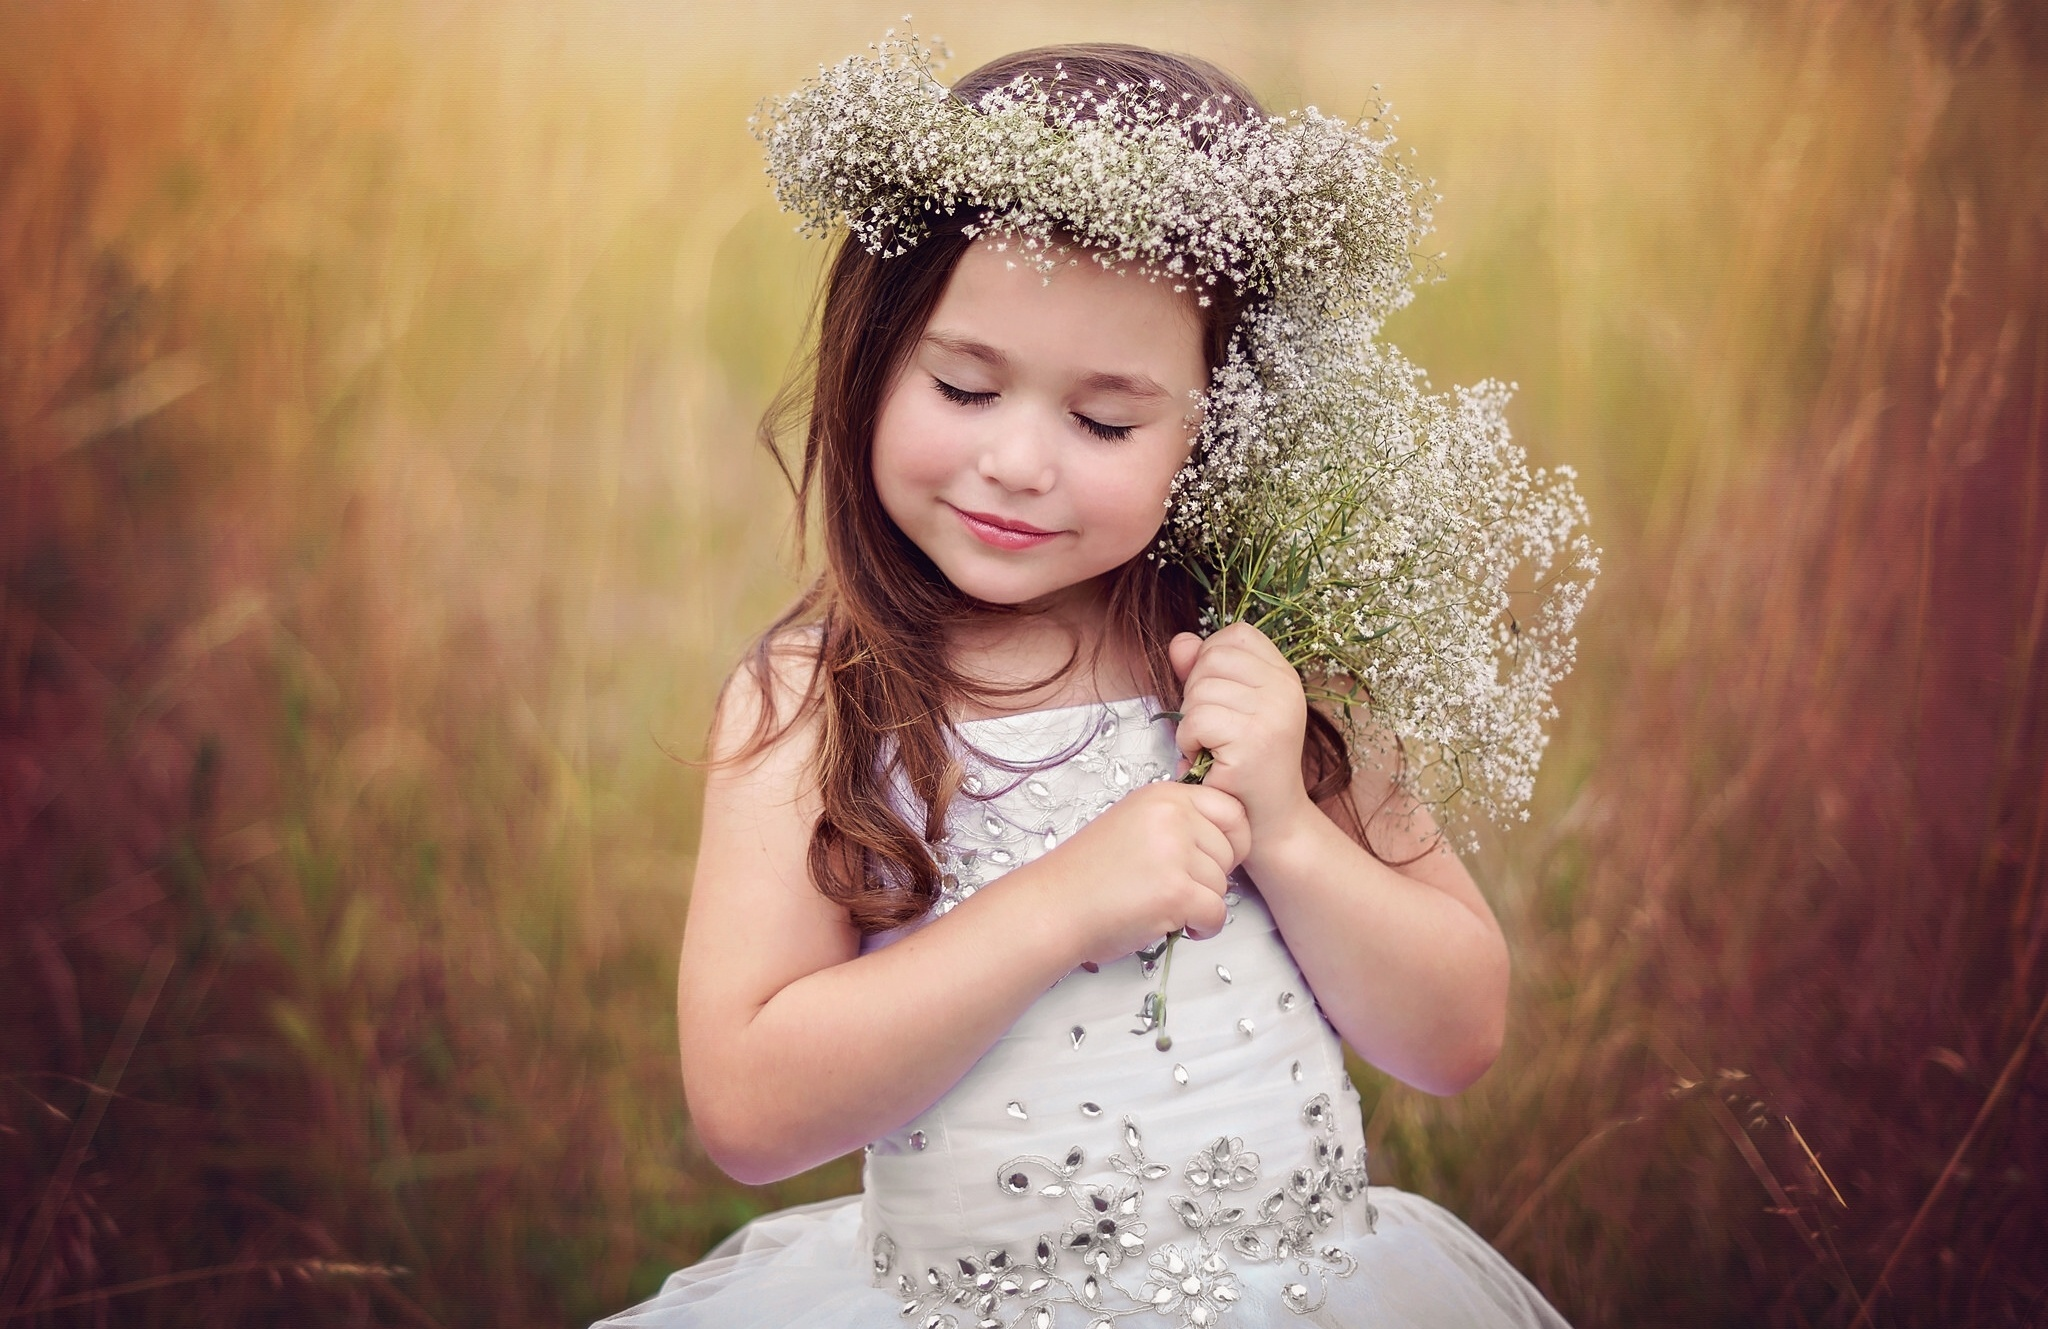 Картинка маленьких девочек